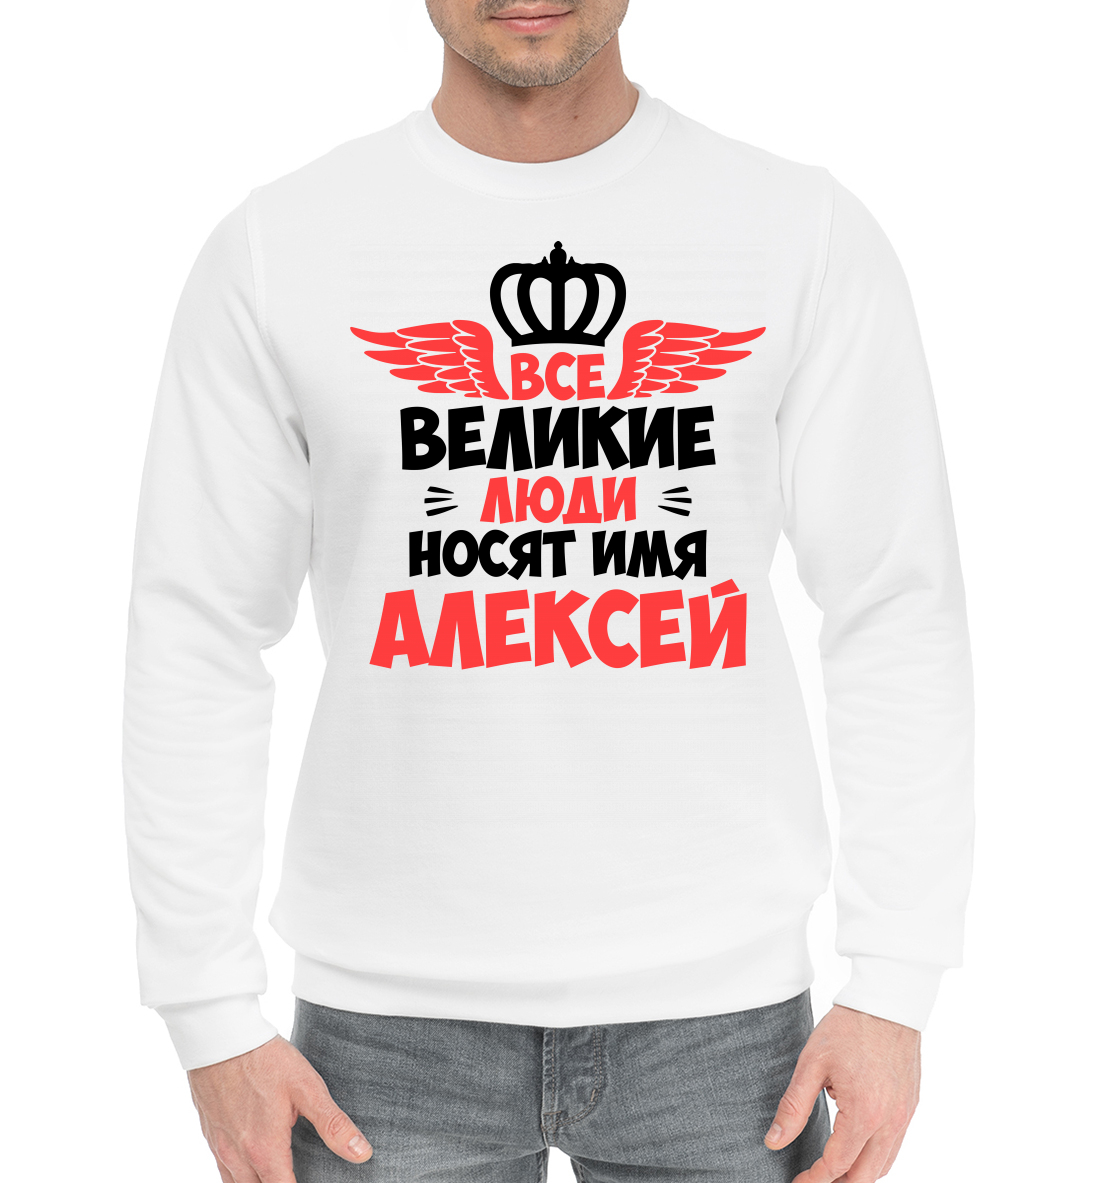 Фото - Великие люди носят имя Алексей алексей семенов великие святые неизвестные факты